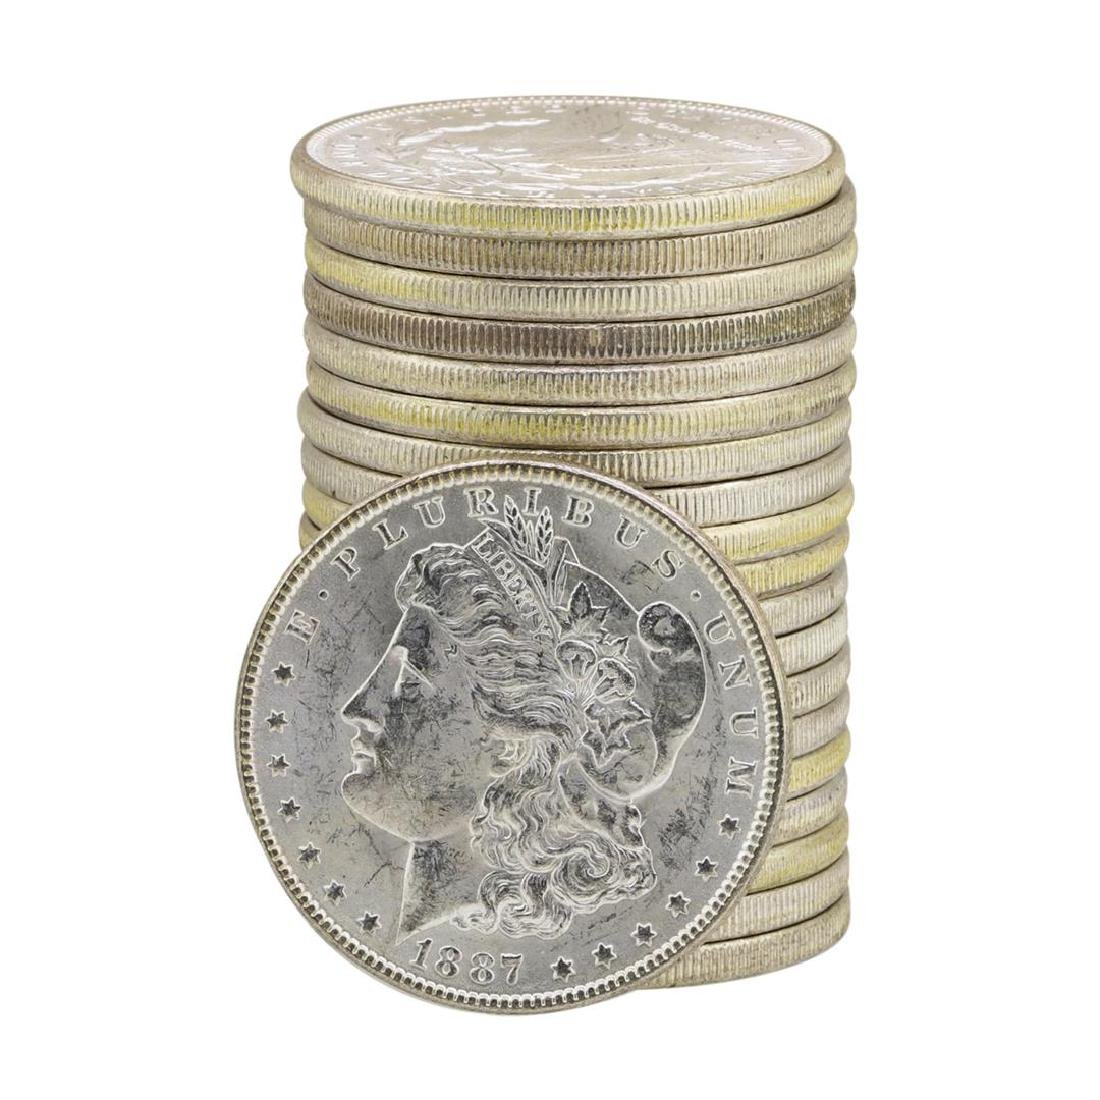 Roll of (20) 1887 $1 Brilliant Uncirculated Morgan